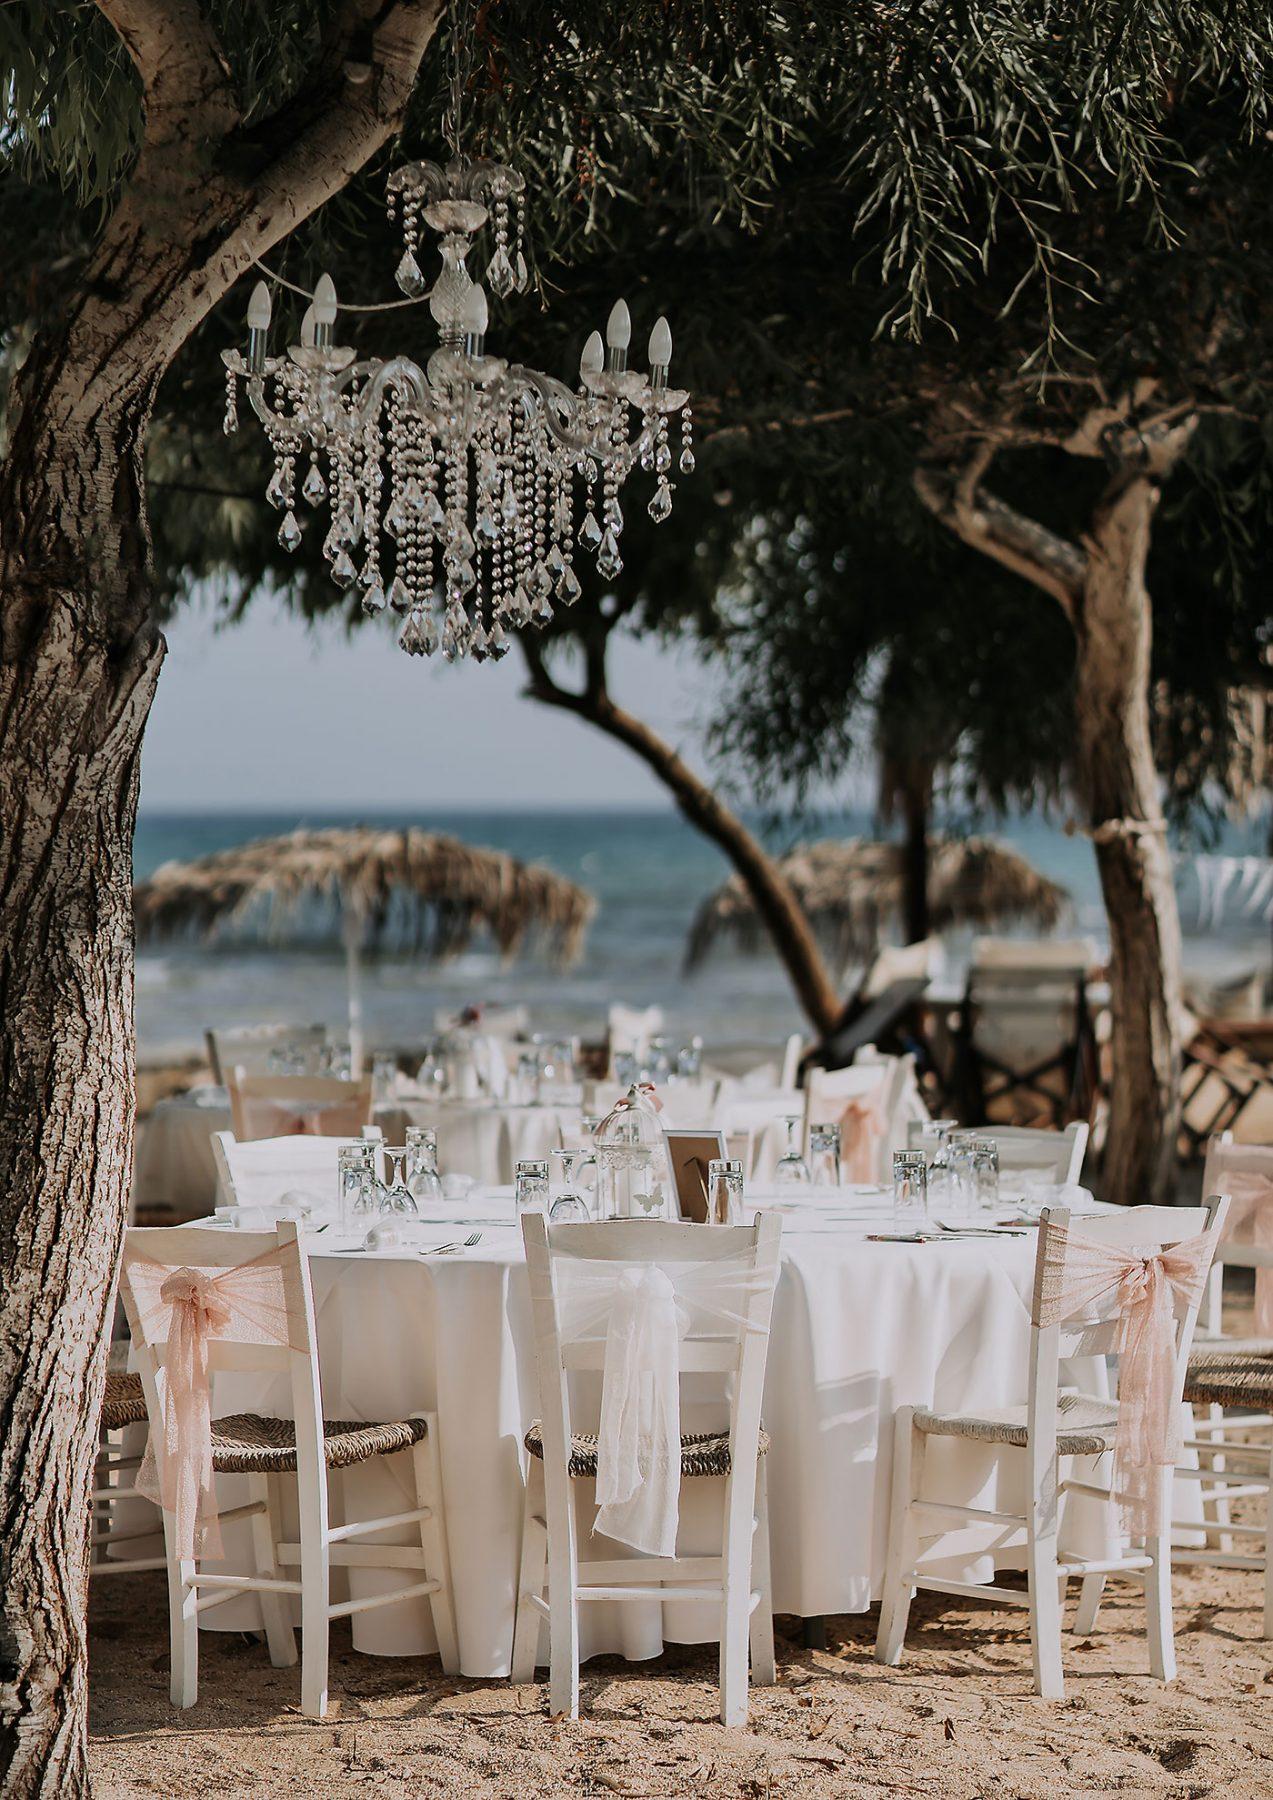 Thalassines Villas Wedding Venue